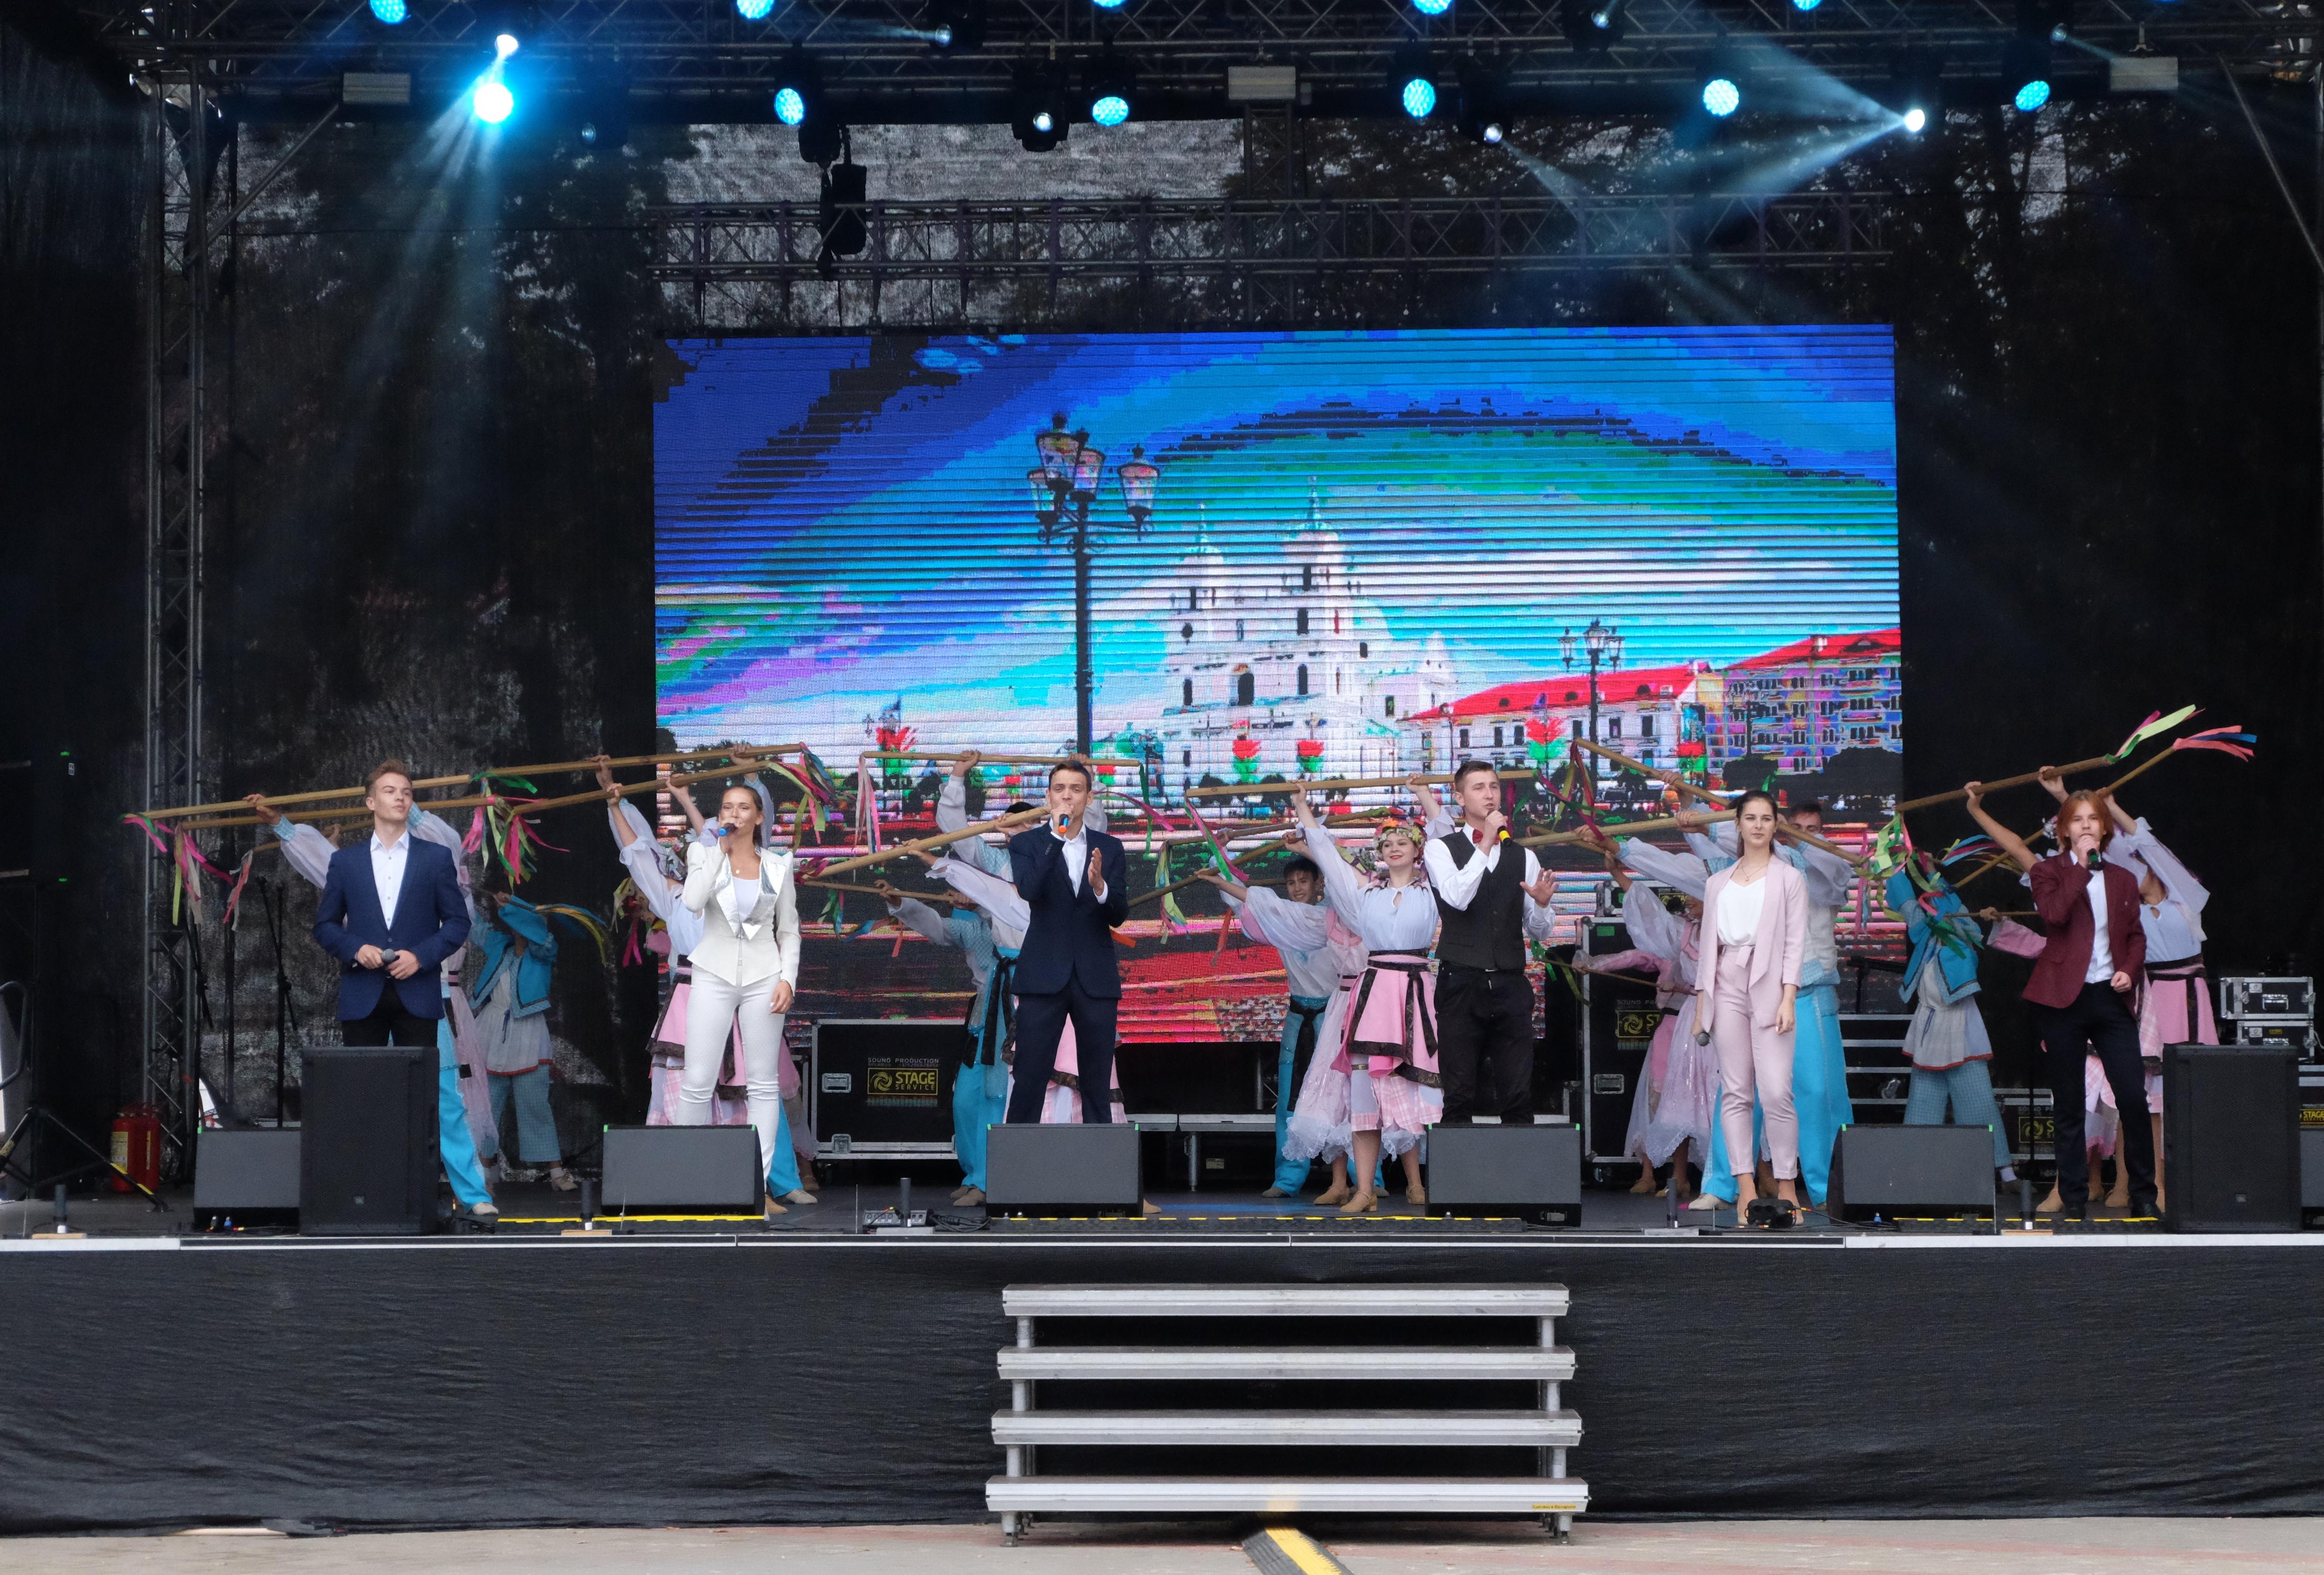 Reise nach Polozk 2019